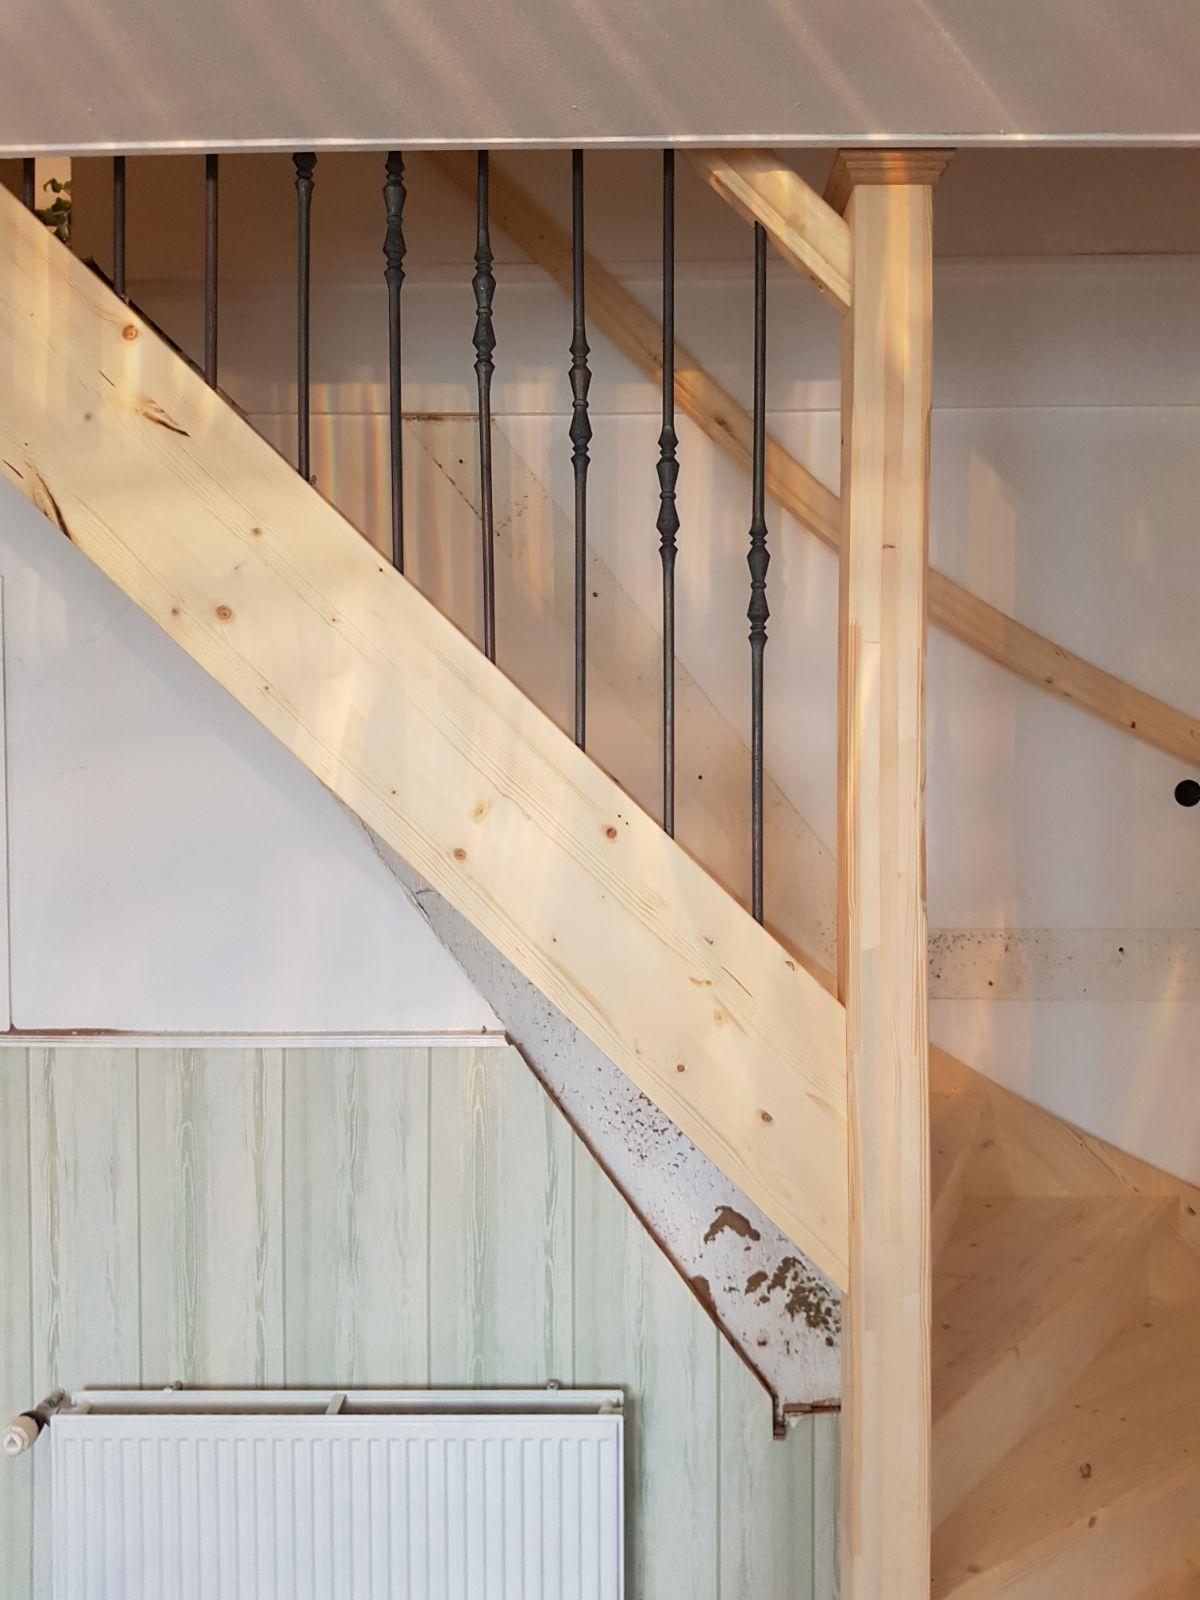 Vuren houten trap met smeedijzeren spijlen - Foto 2